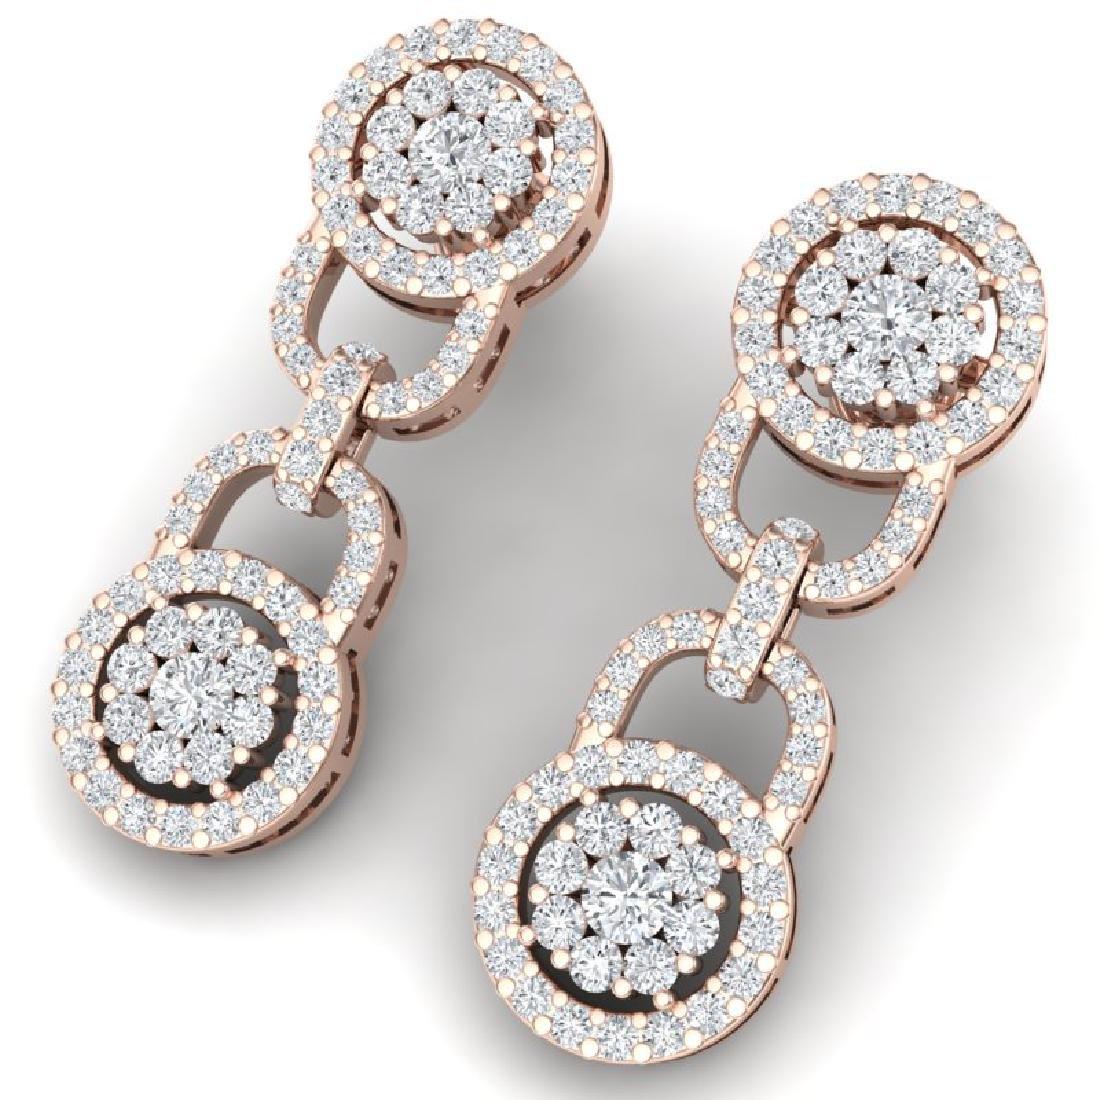 2.30 CTW Certified SI/I Diamond Halo Earrings 18K Rose